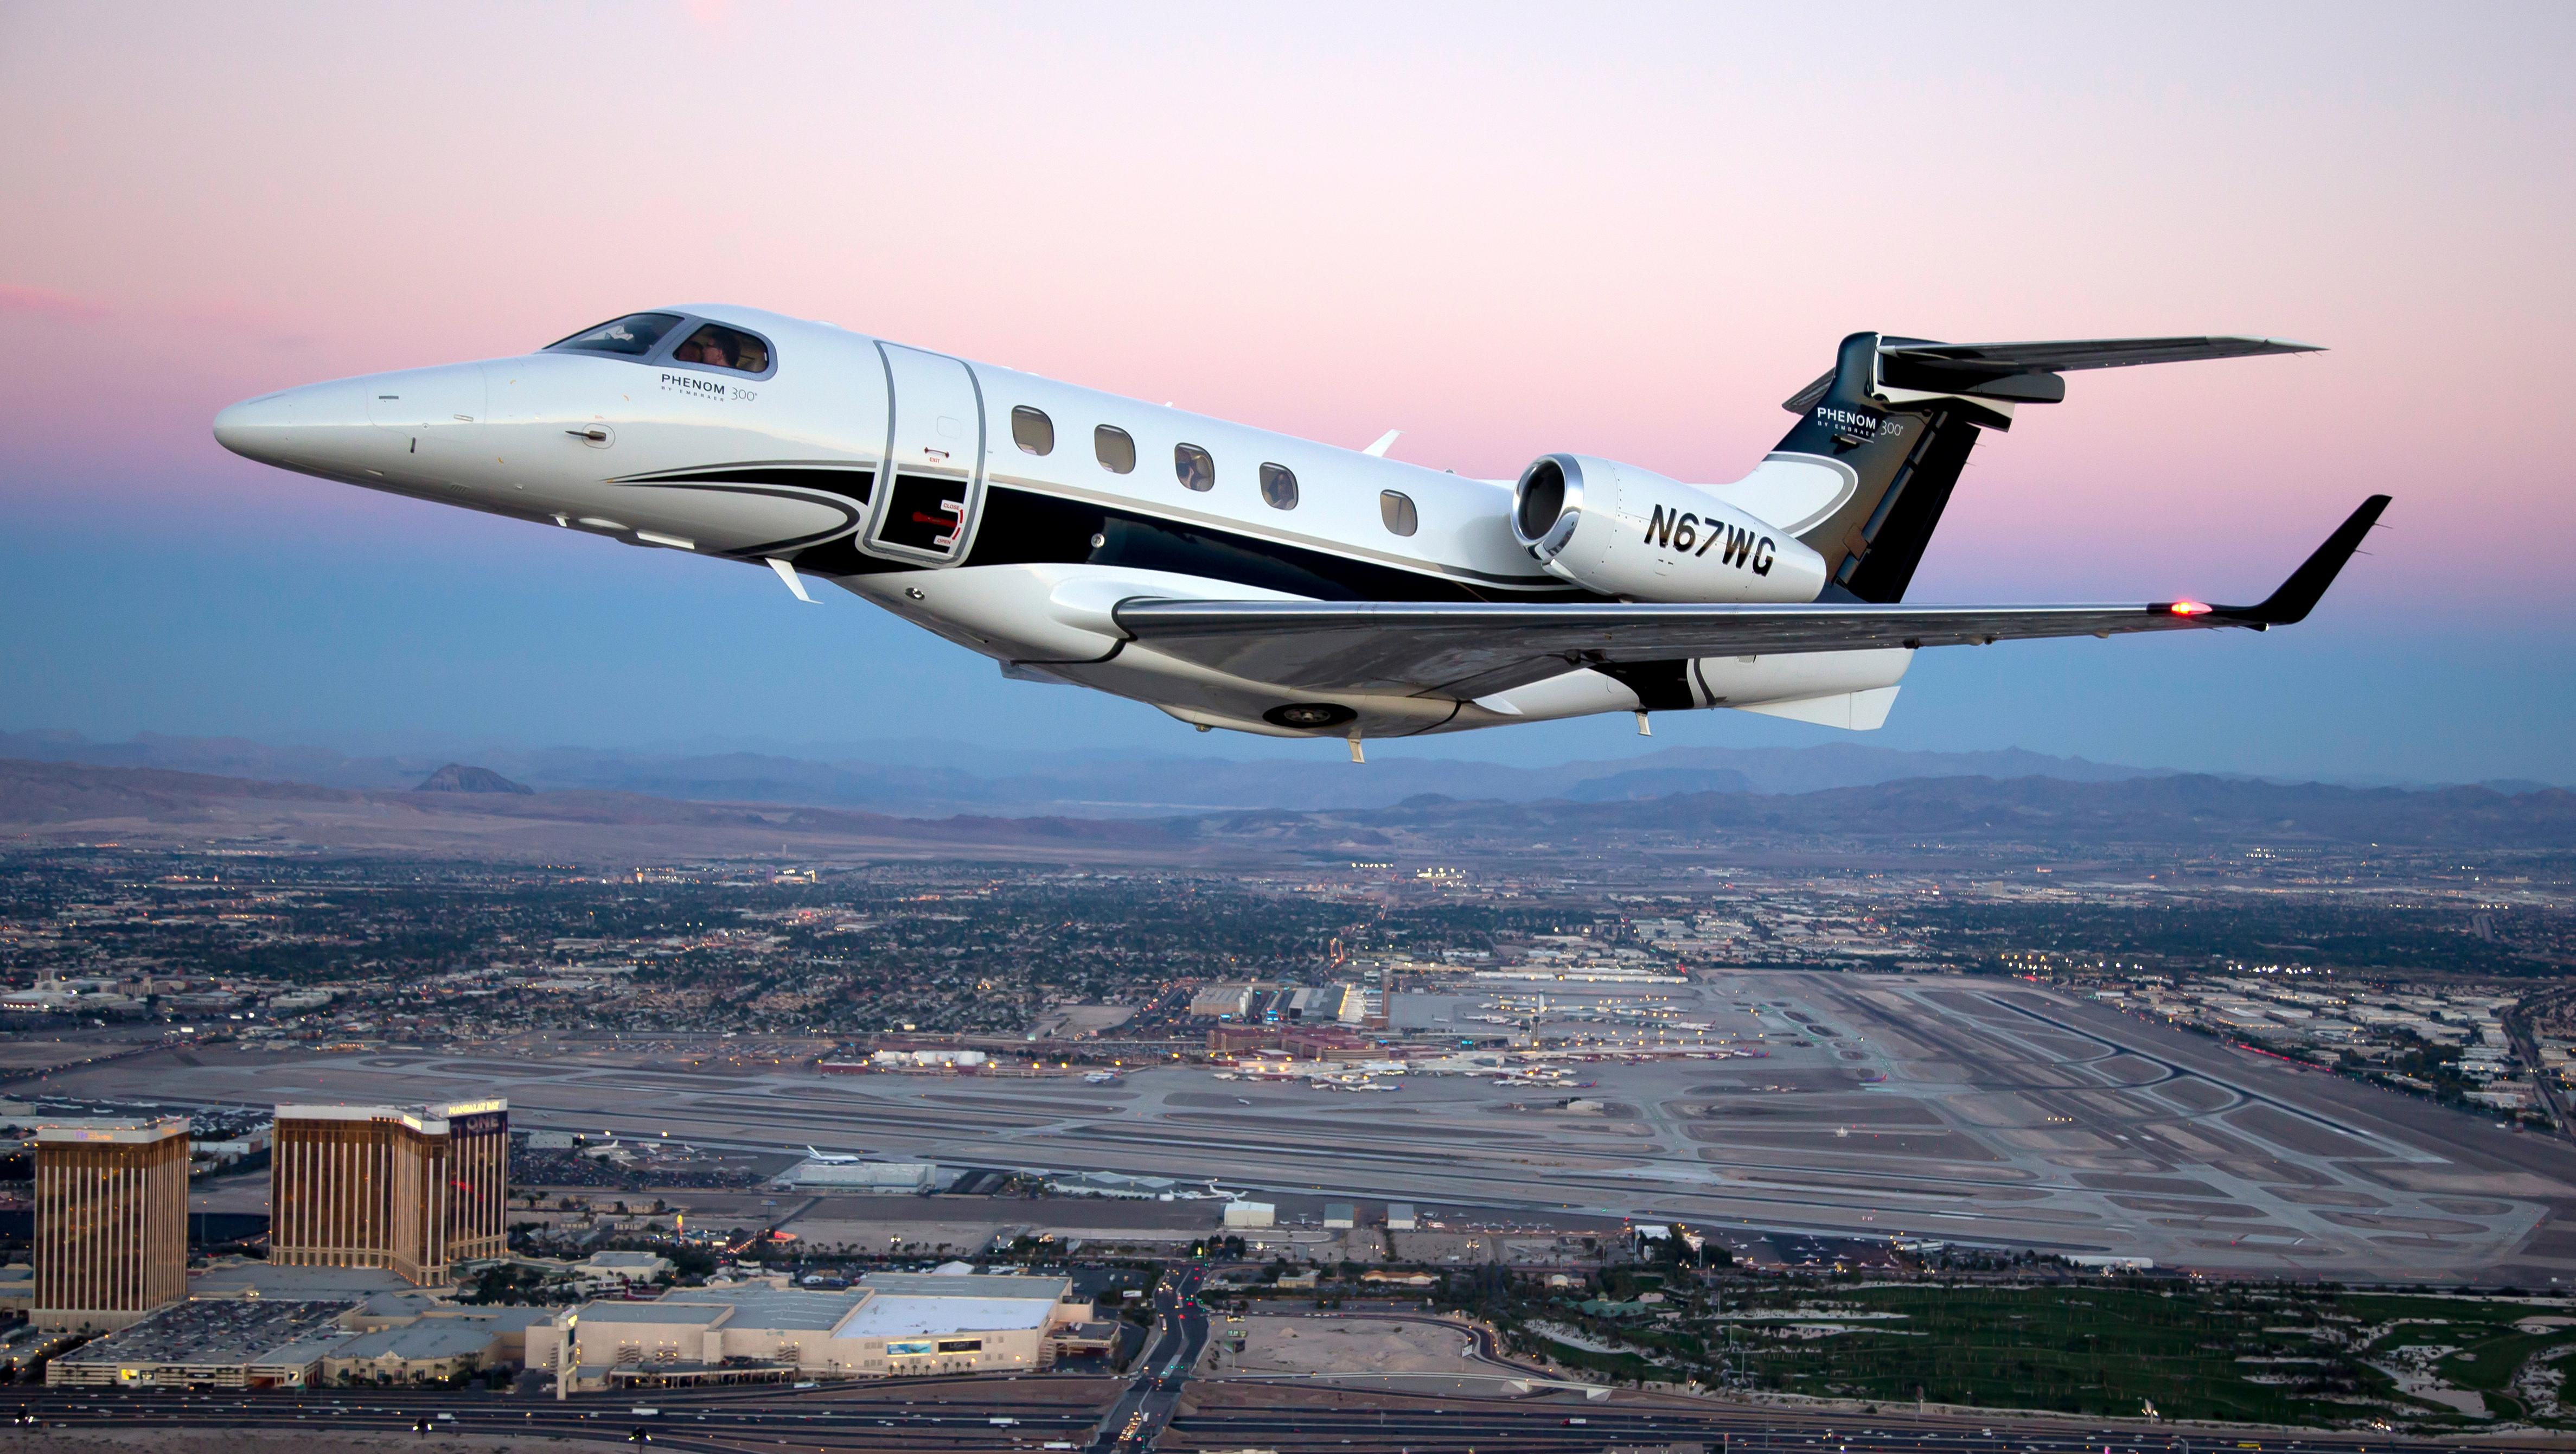 Phenom 300 N67wg Jet Clay Lacy Aviation